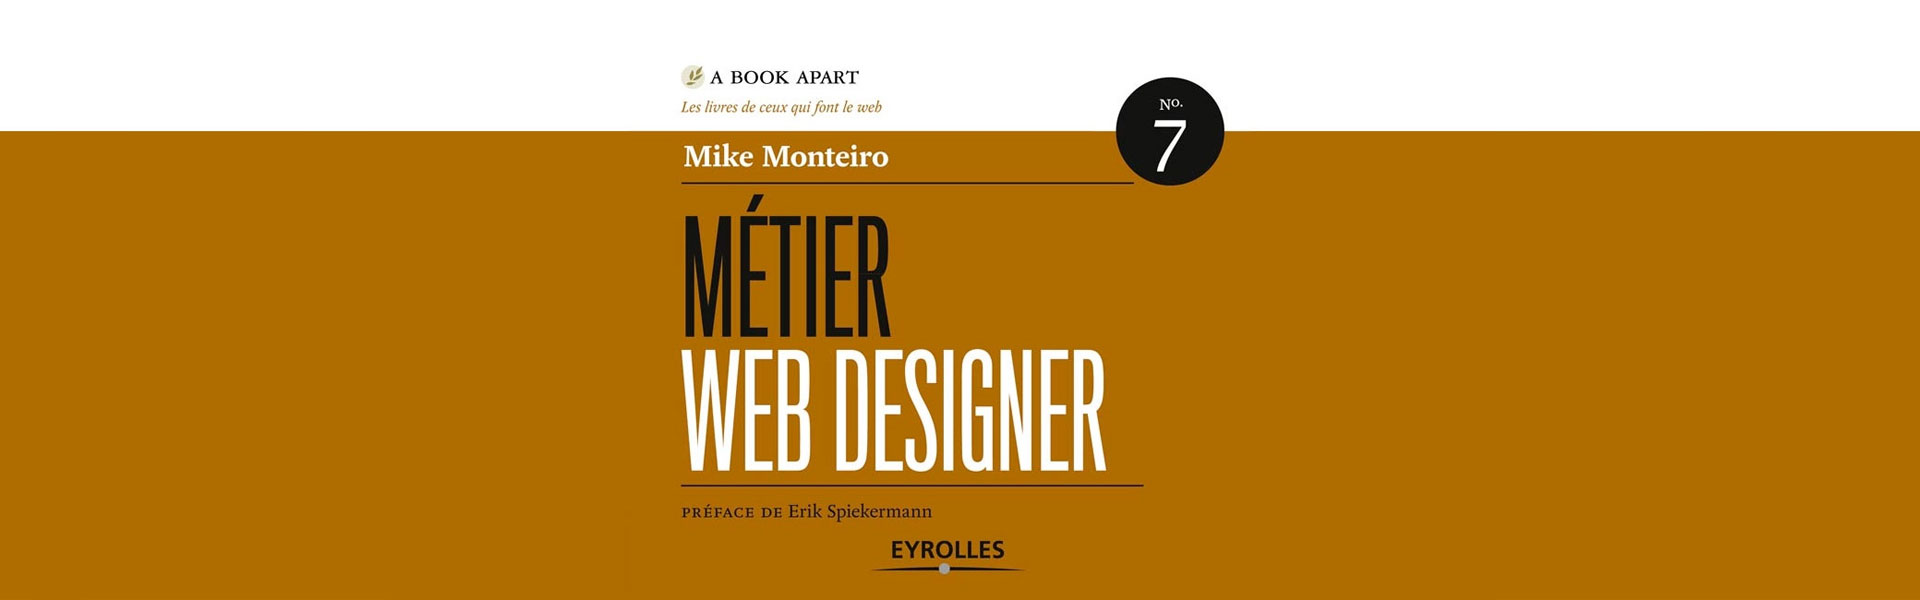 Article - Métier Webdesigner par Mike Monteiro